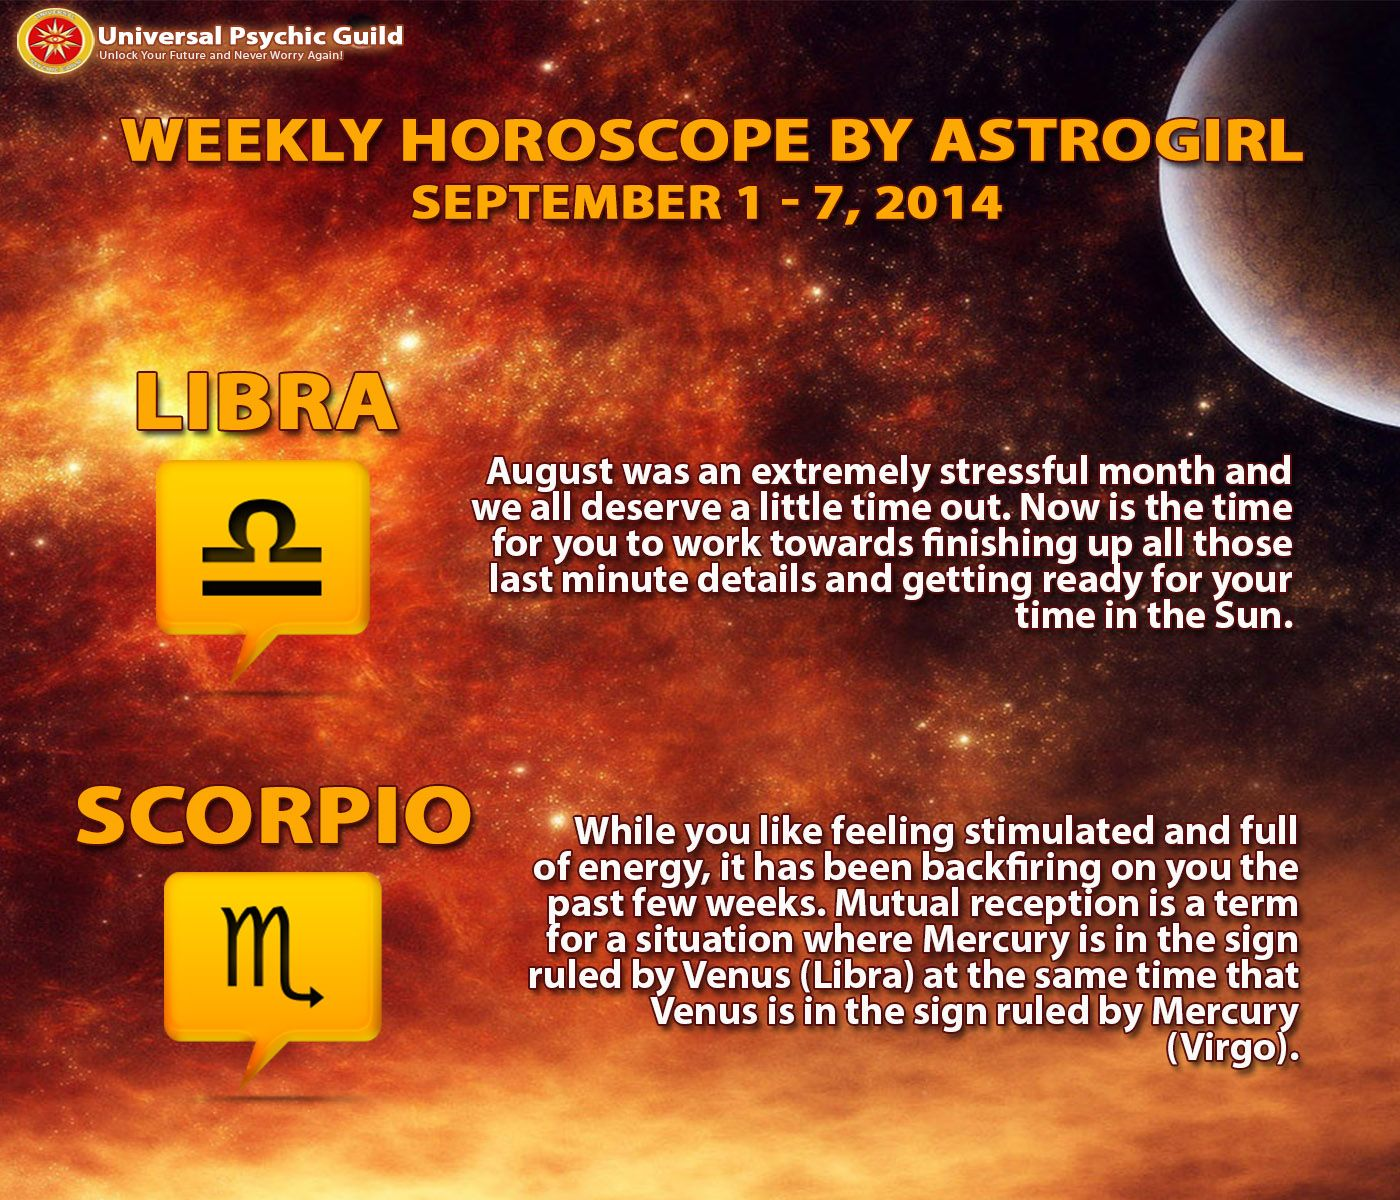 WeeklyHoroscopes for Zodiac Sign #Libra and #Scorpio! Plan